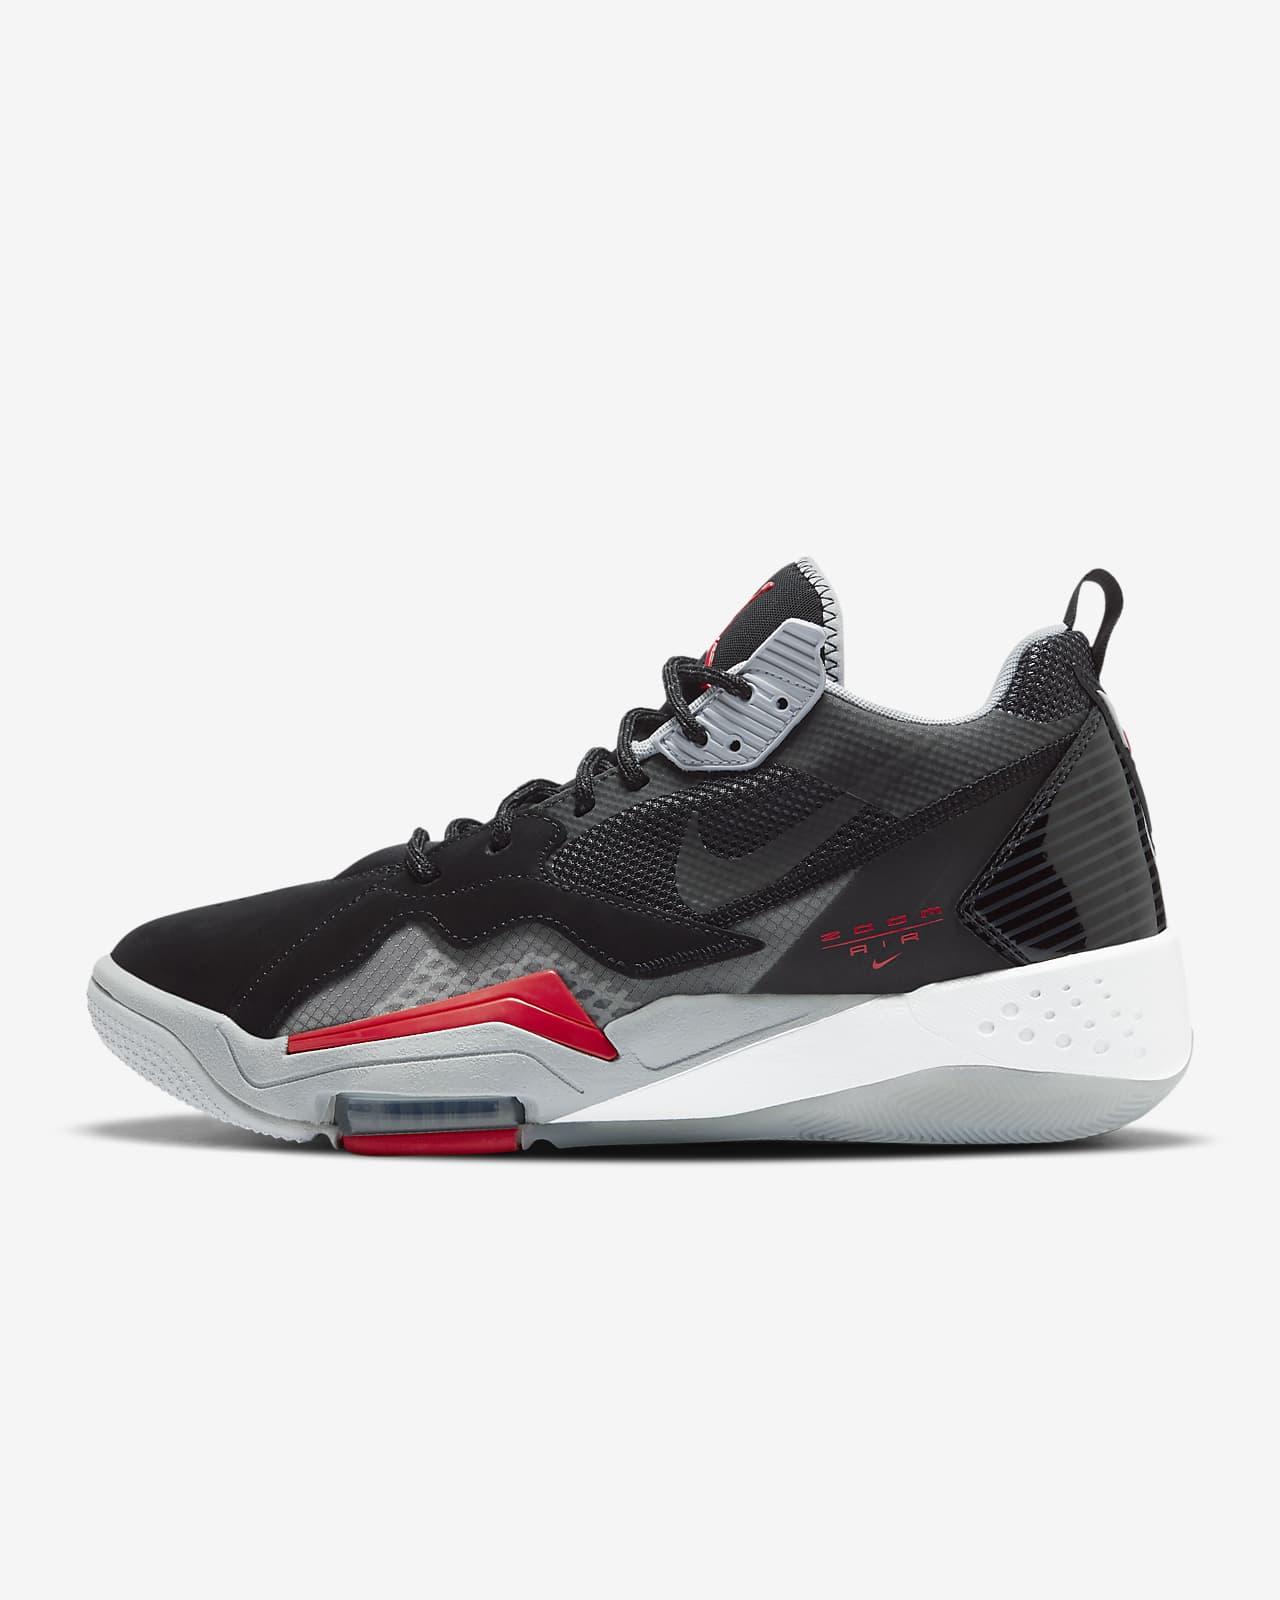 Jordan Zoom '92 Erkek Ayakkabısı